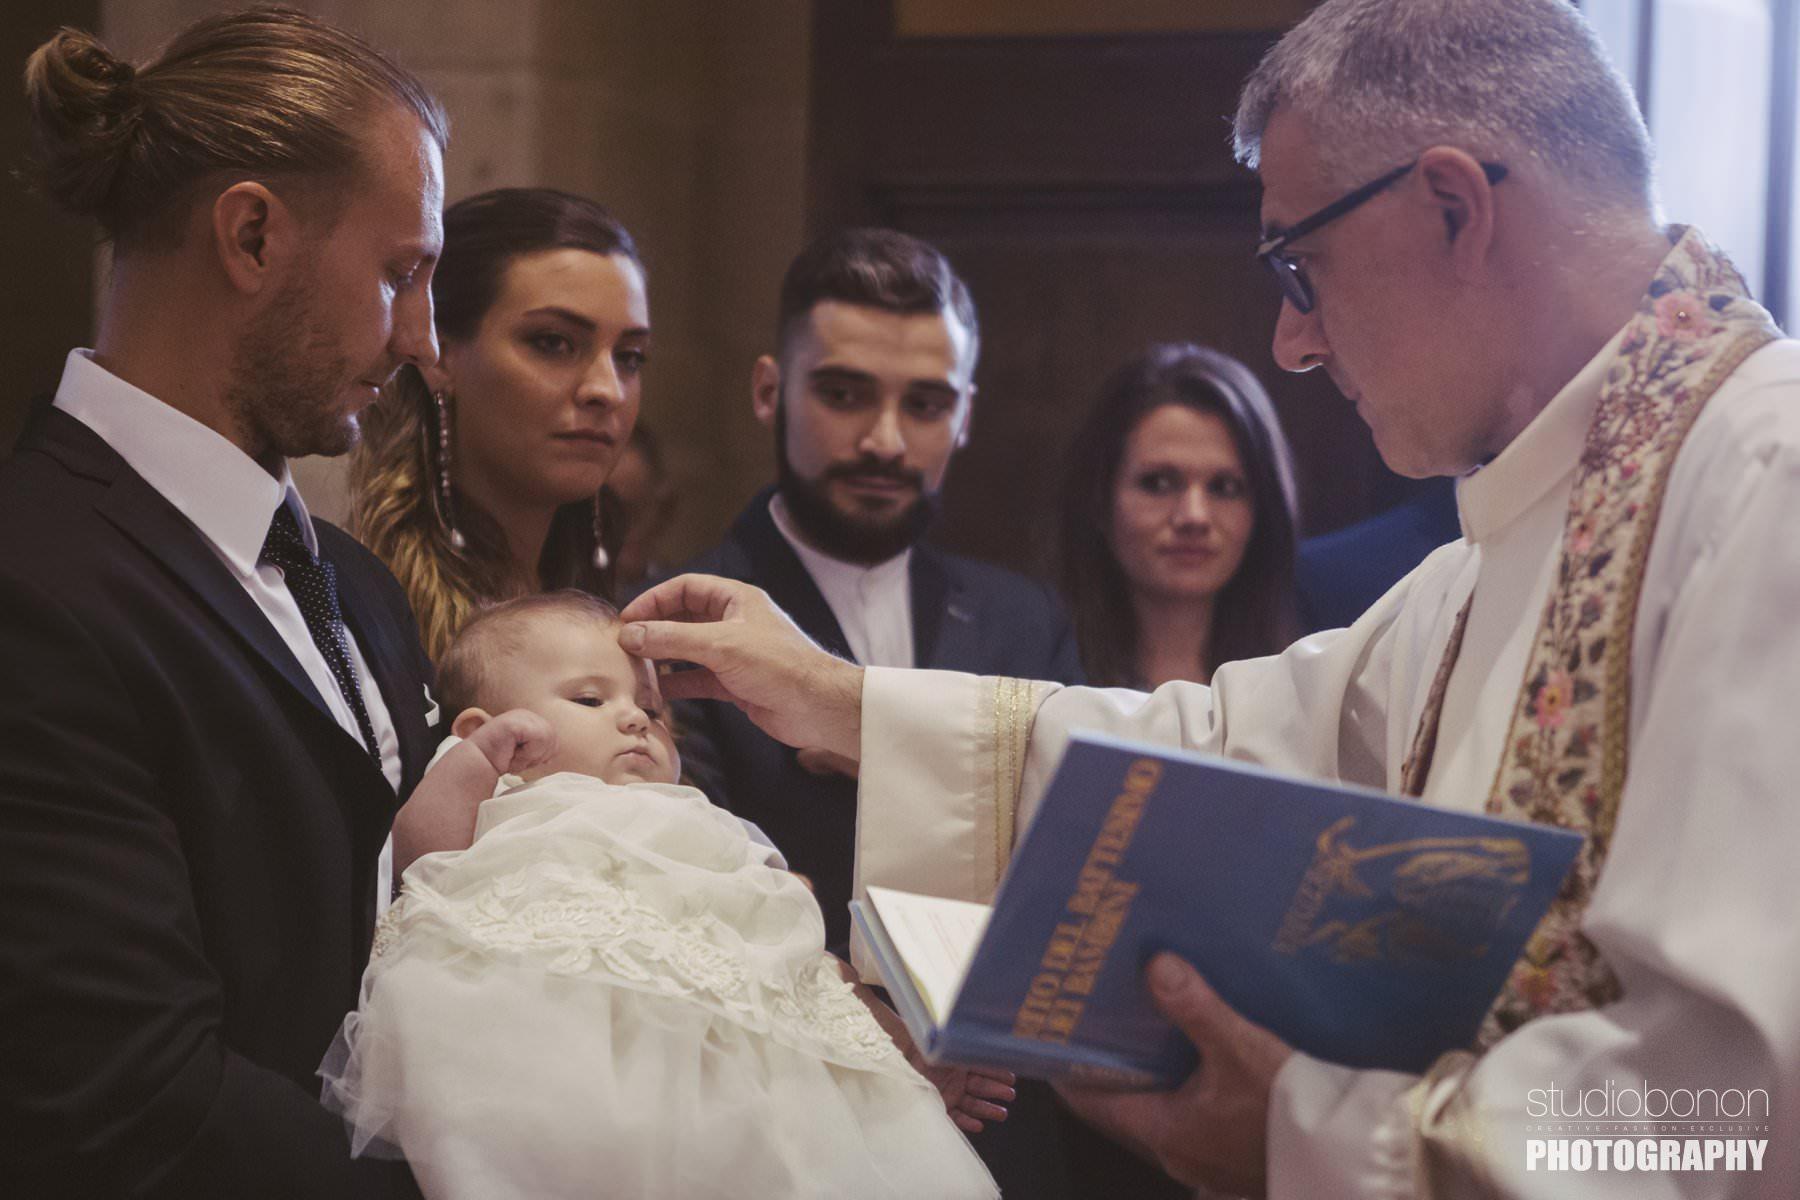 Battesimo di Azzurra in Toscana. Fotografie di Studio Bonon Photography a Borgo San Lorenzo in provincia di Firenze